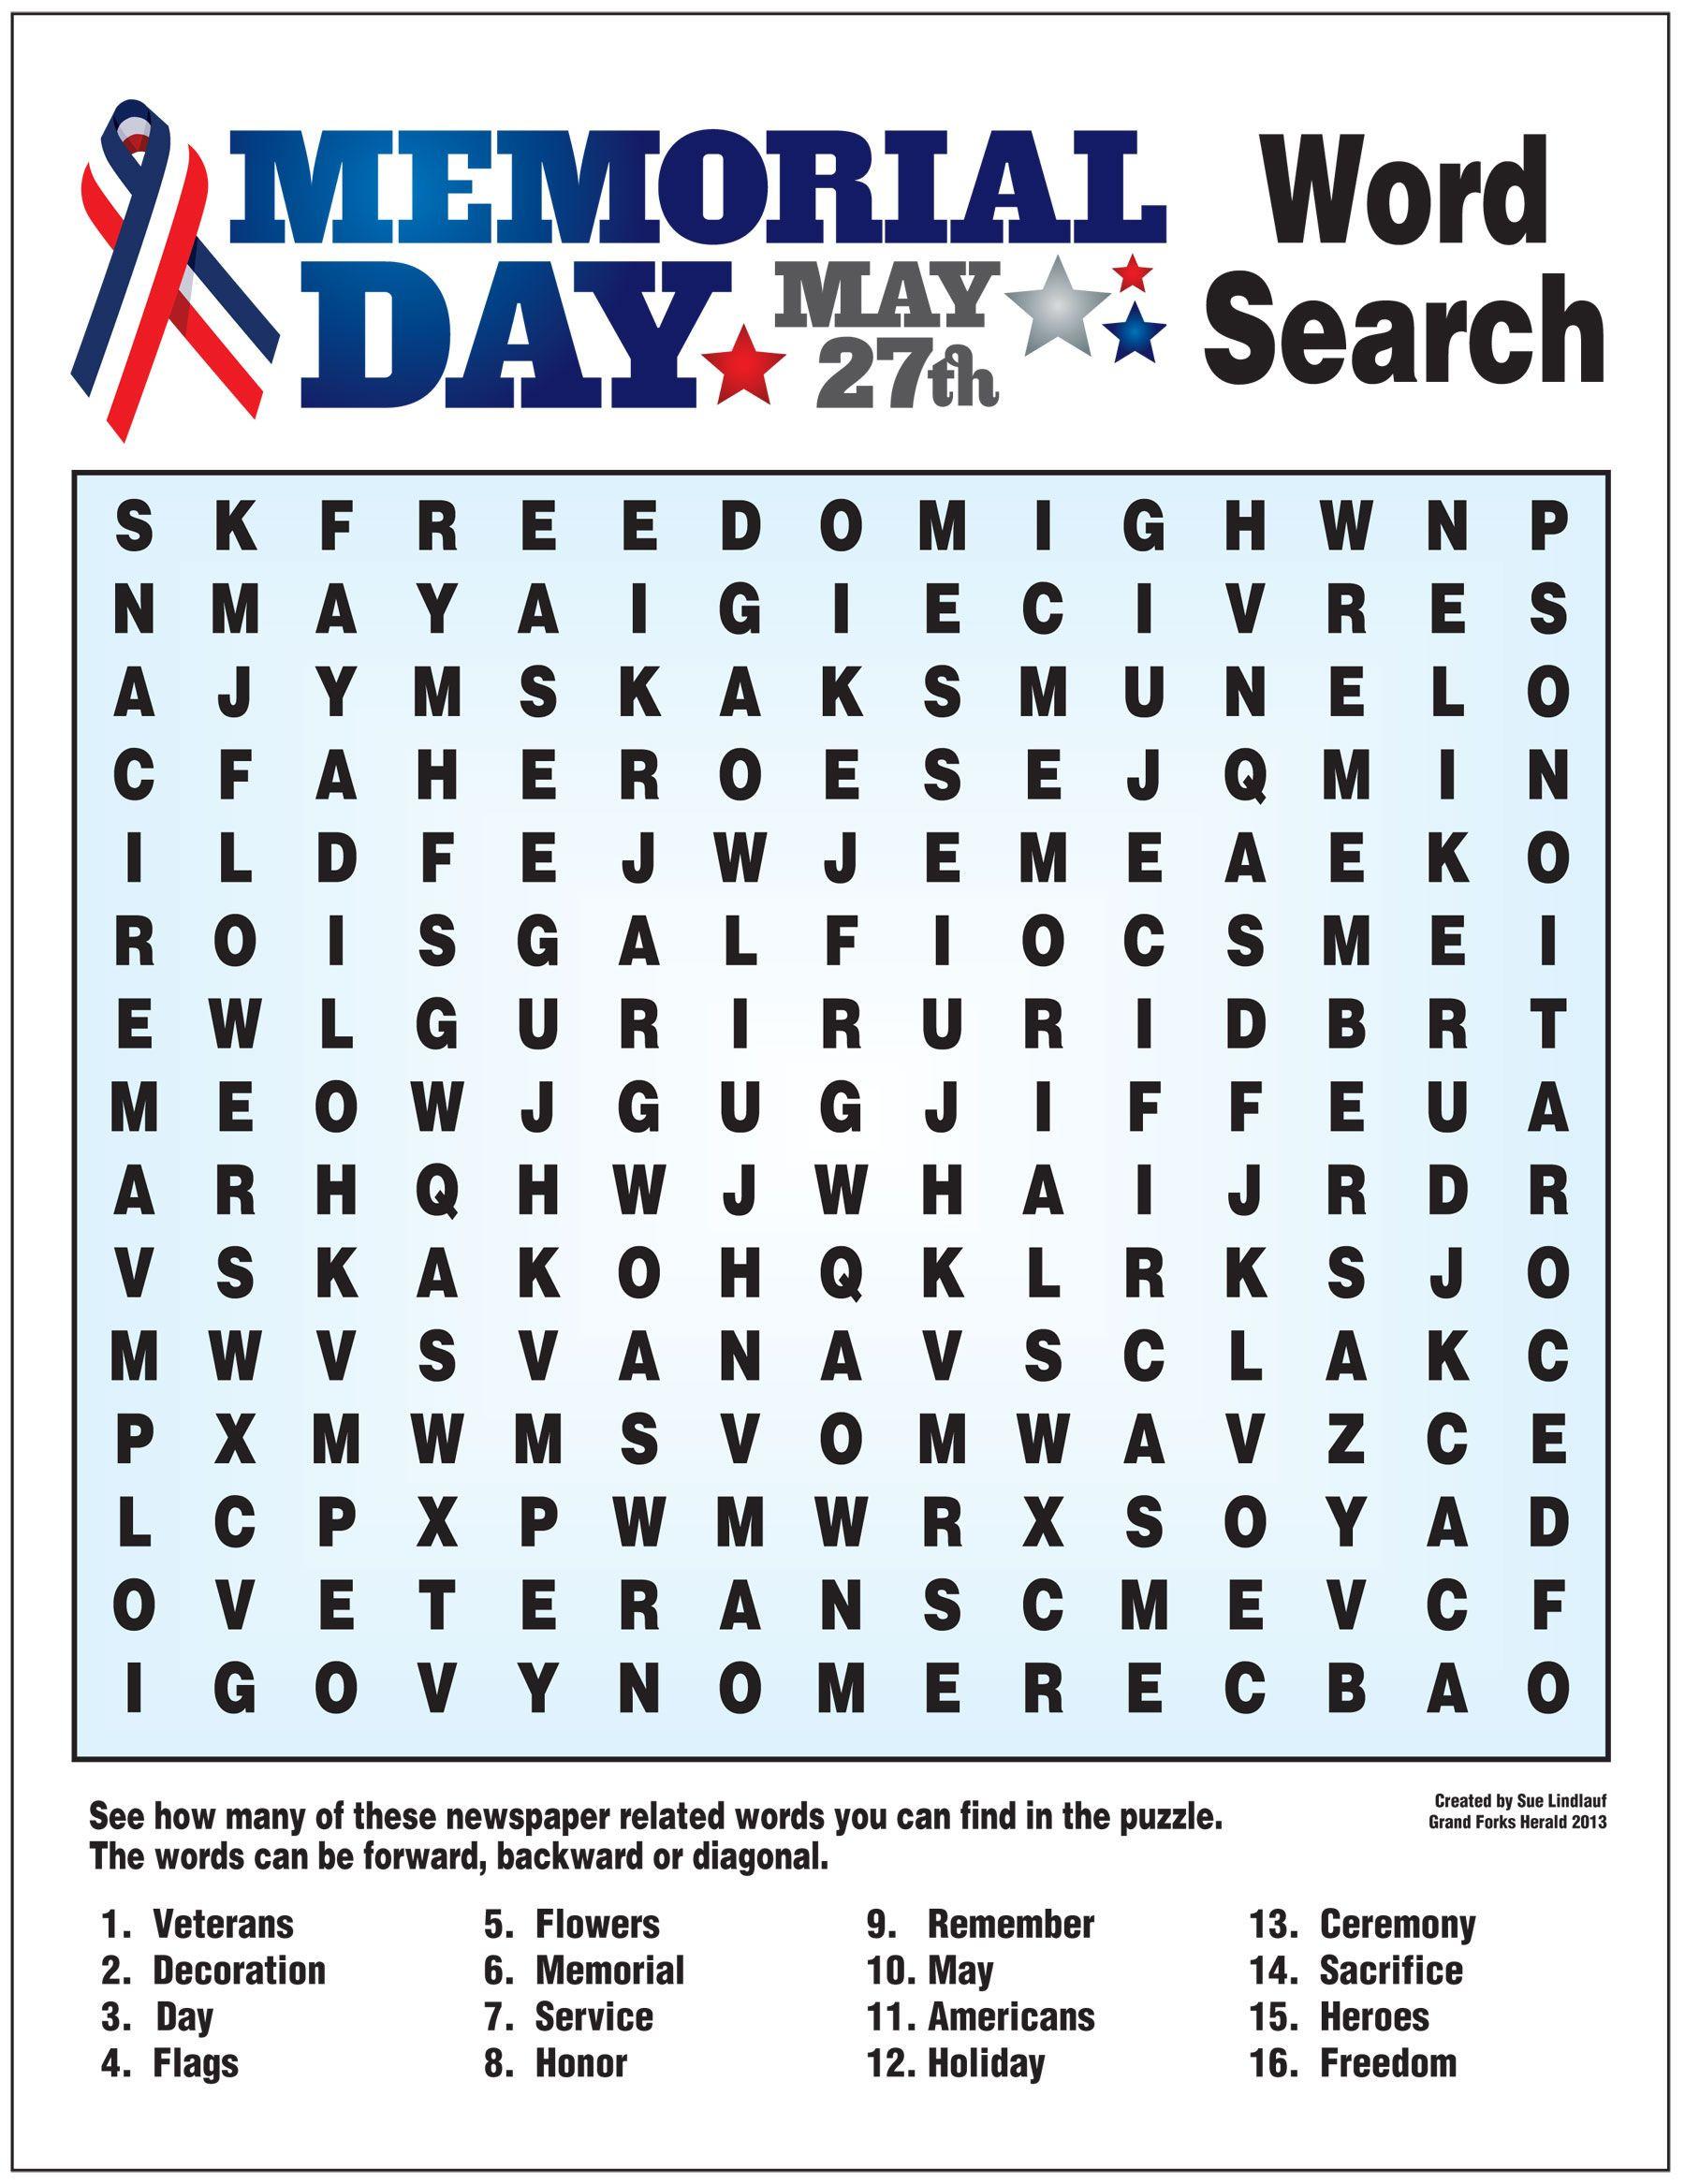 Memorial Day Worksheets Free Printable Worksheet for Memorial Day